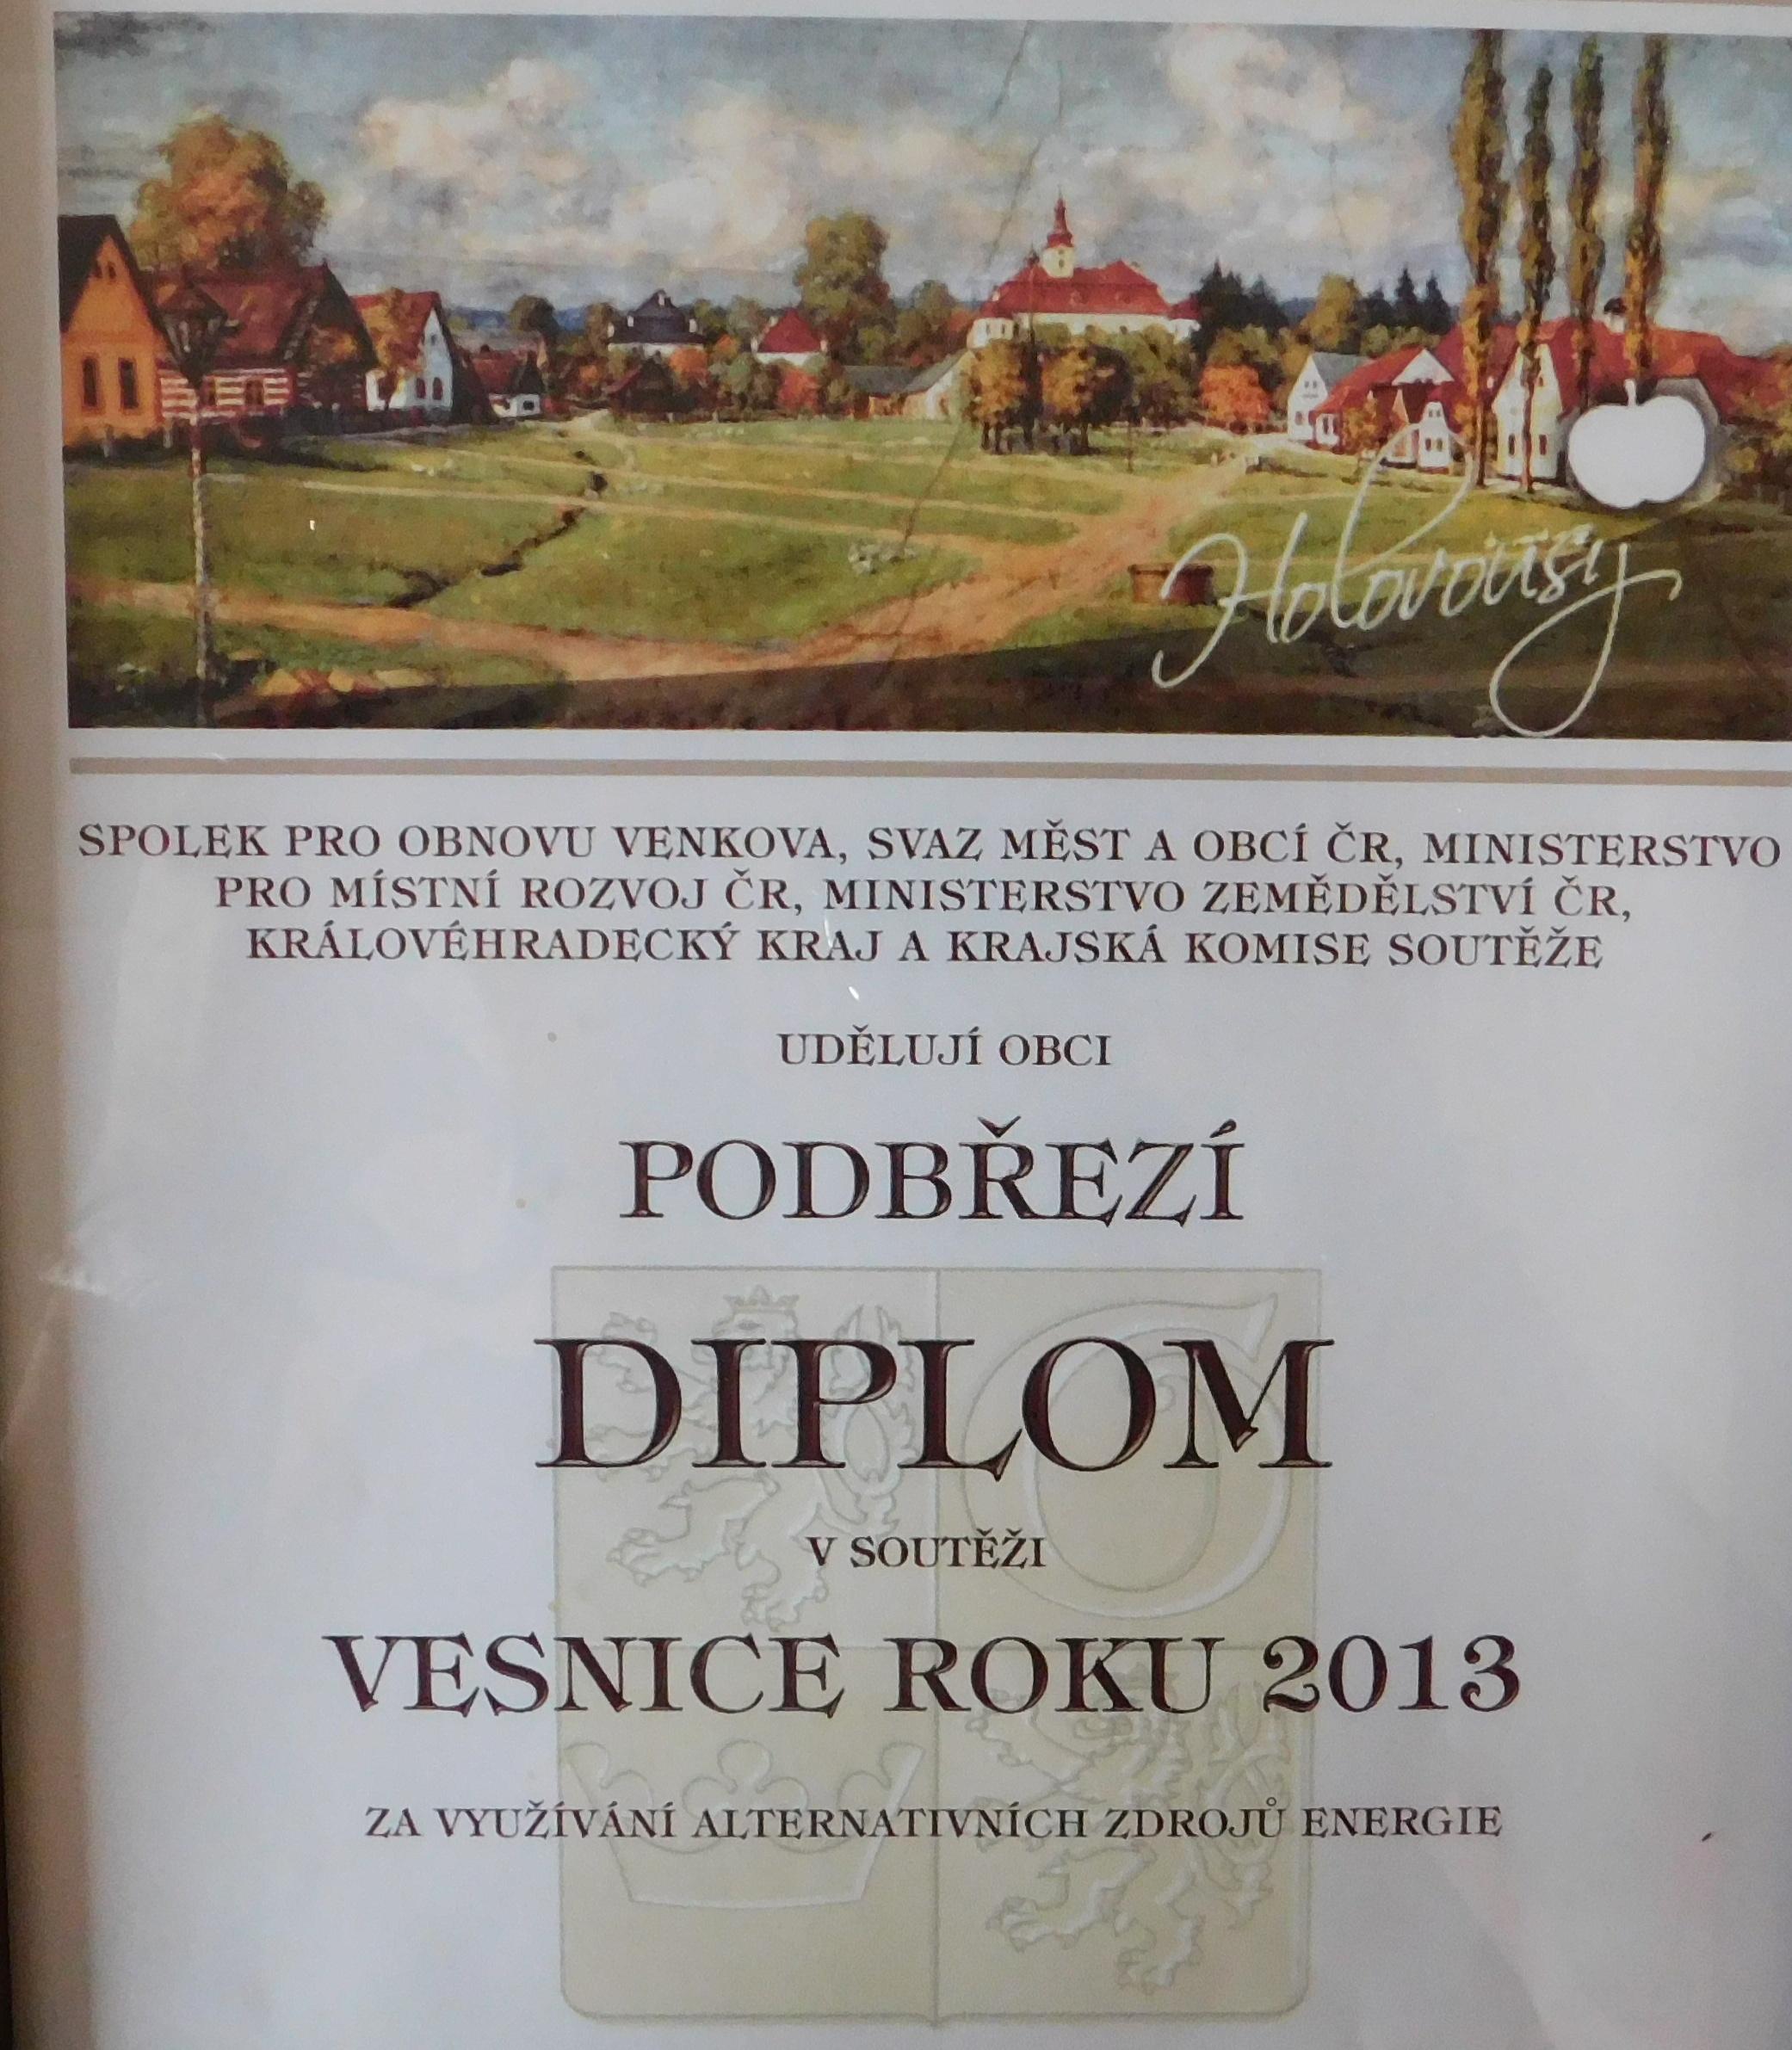 Diplom - Vesnice roku 2013